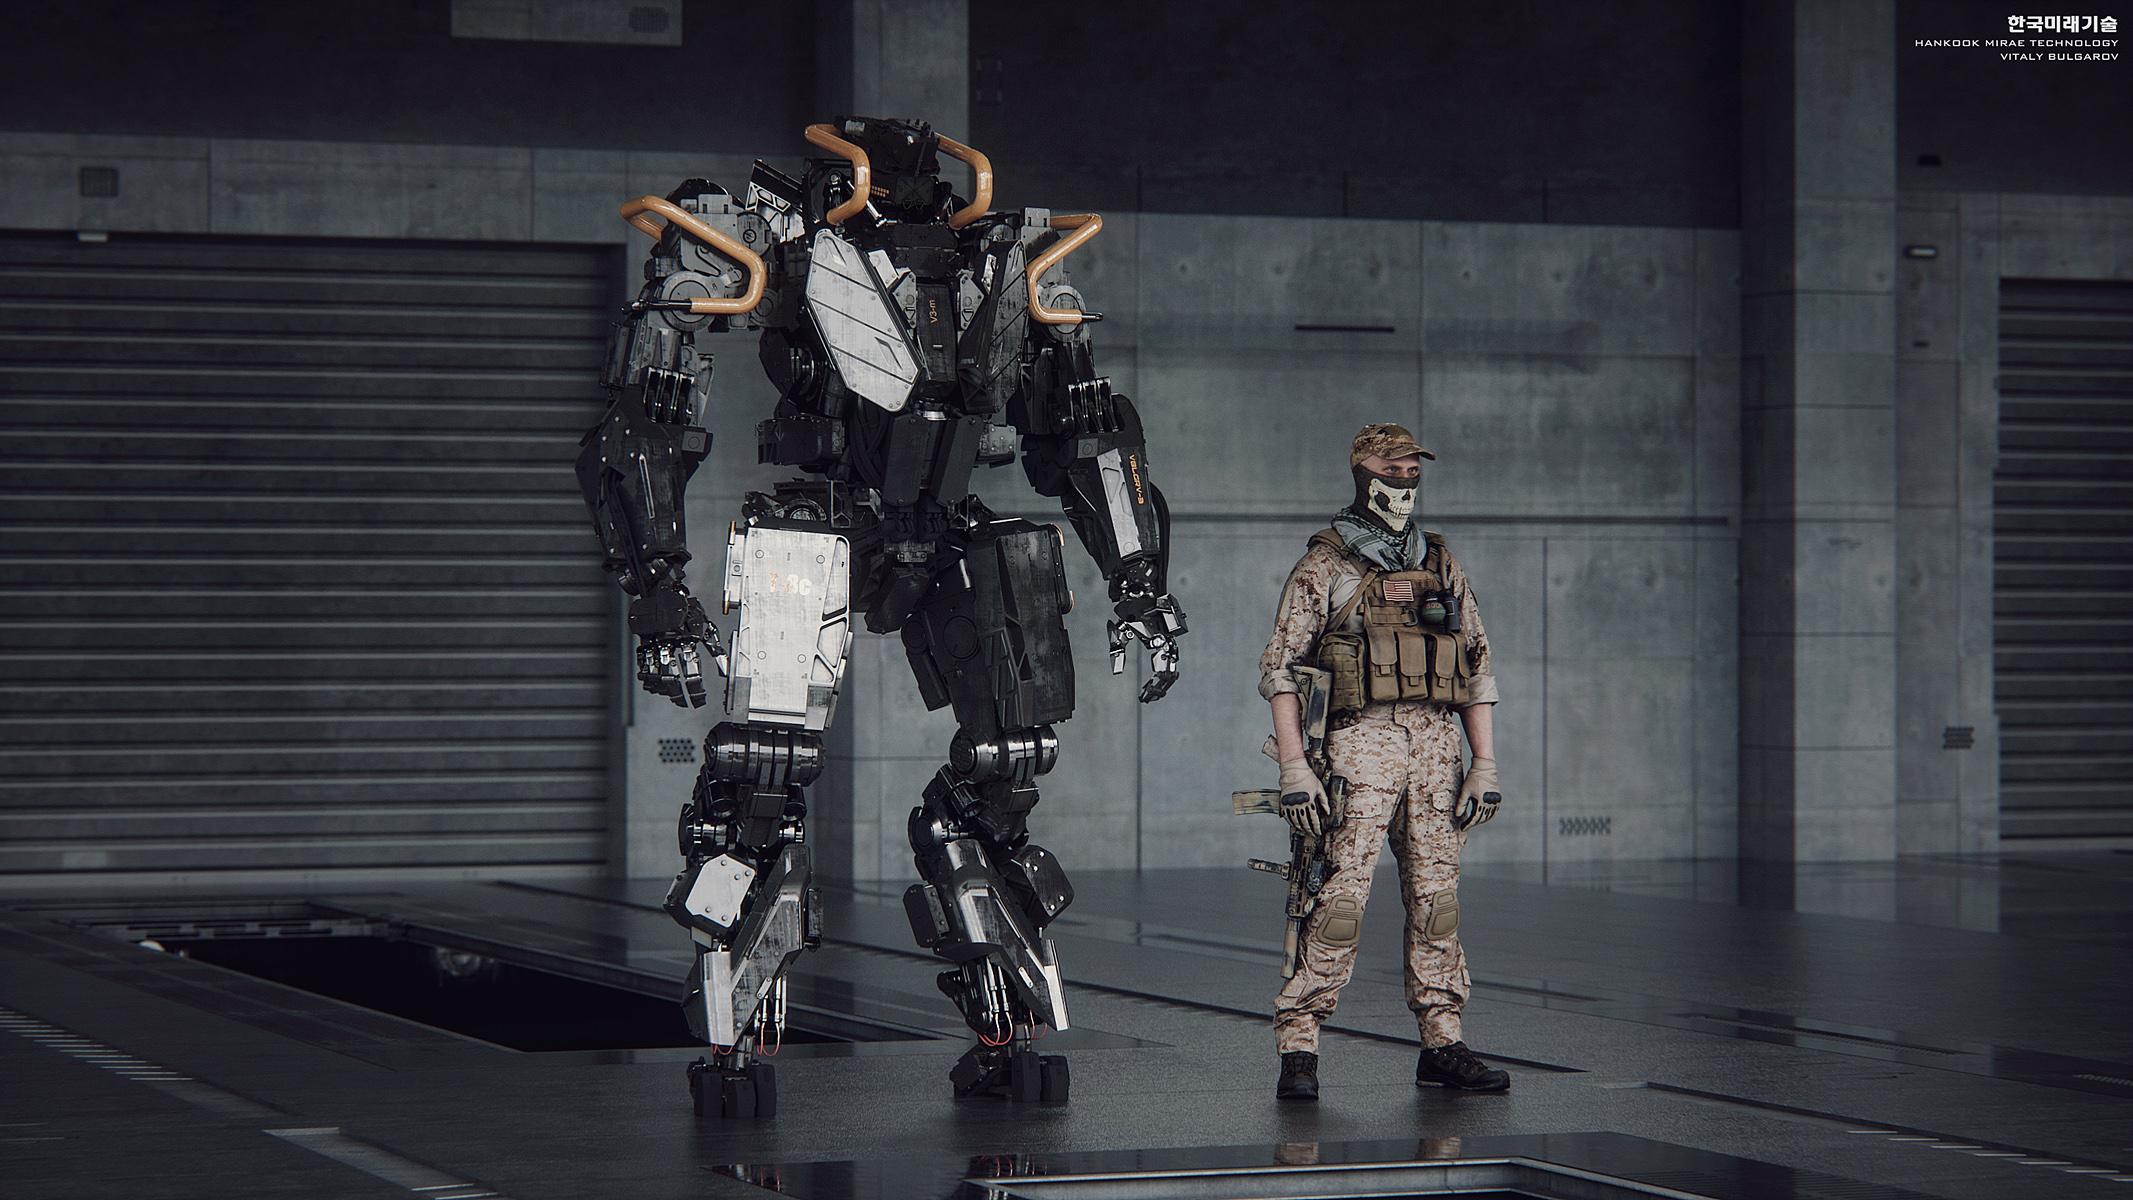 KFT_250cmRobot_V3_01.jpg